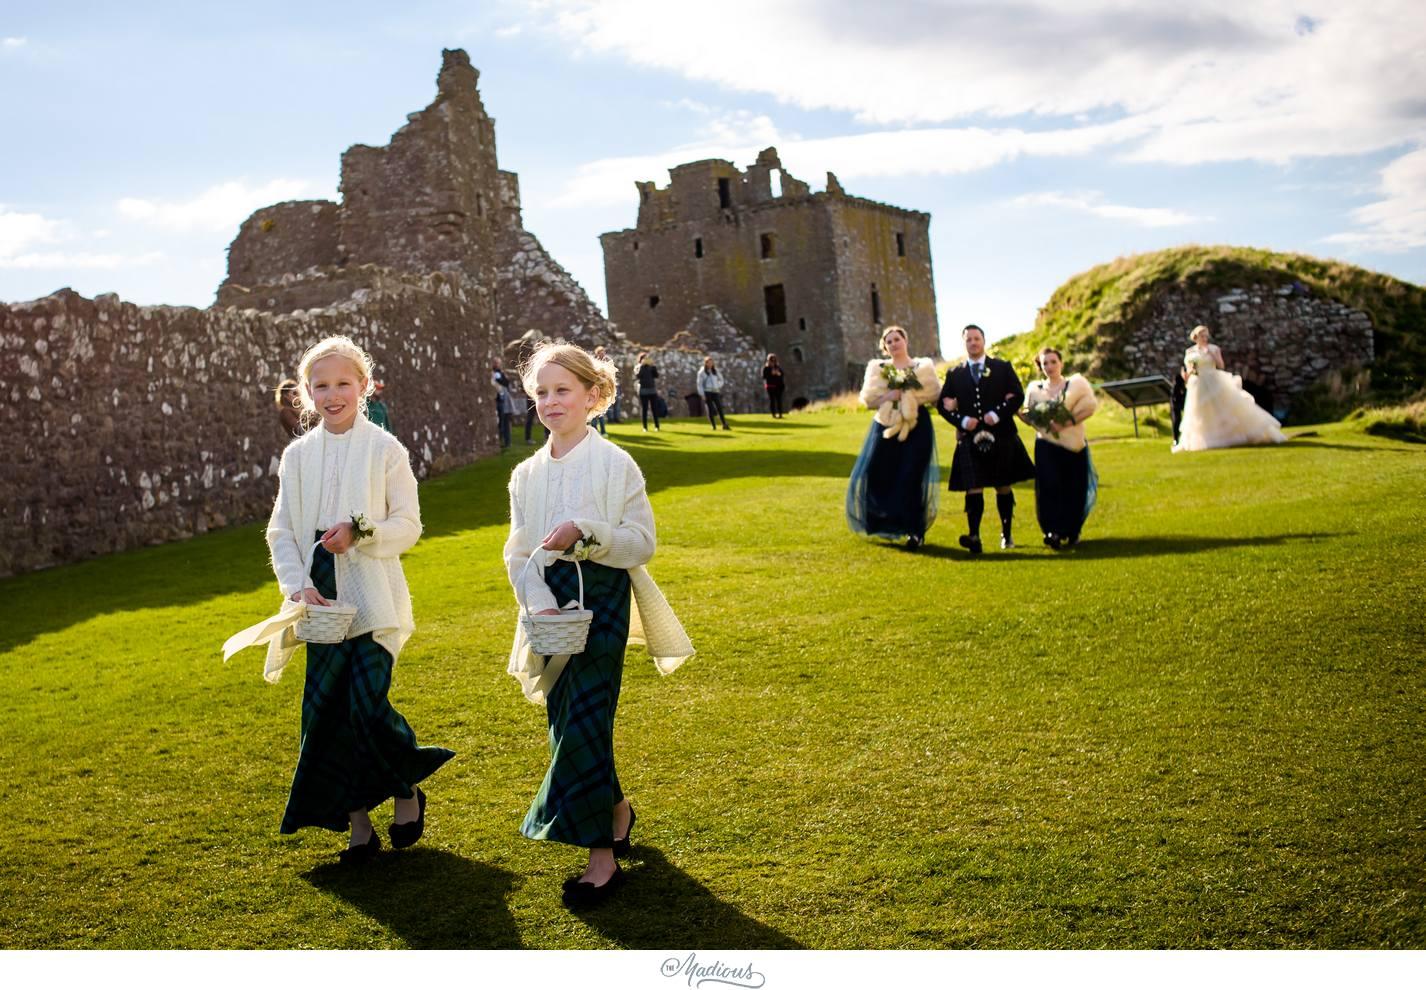 Balbegno_Dunnotar_Castle_Scottland_Wedding_32.jpg